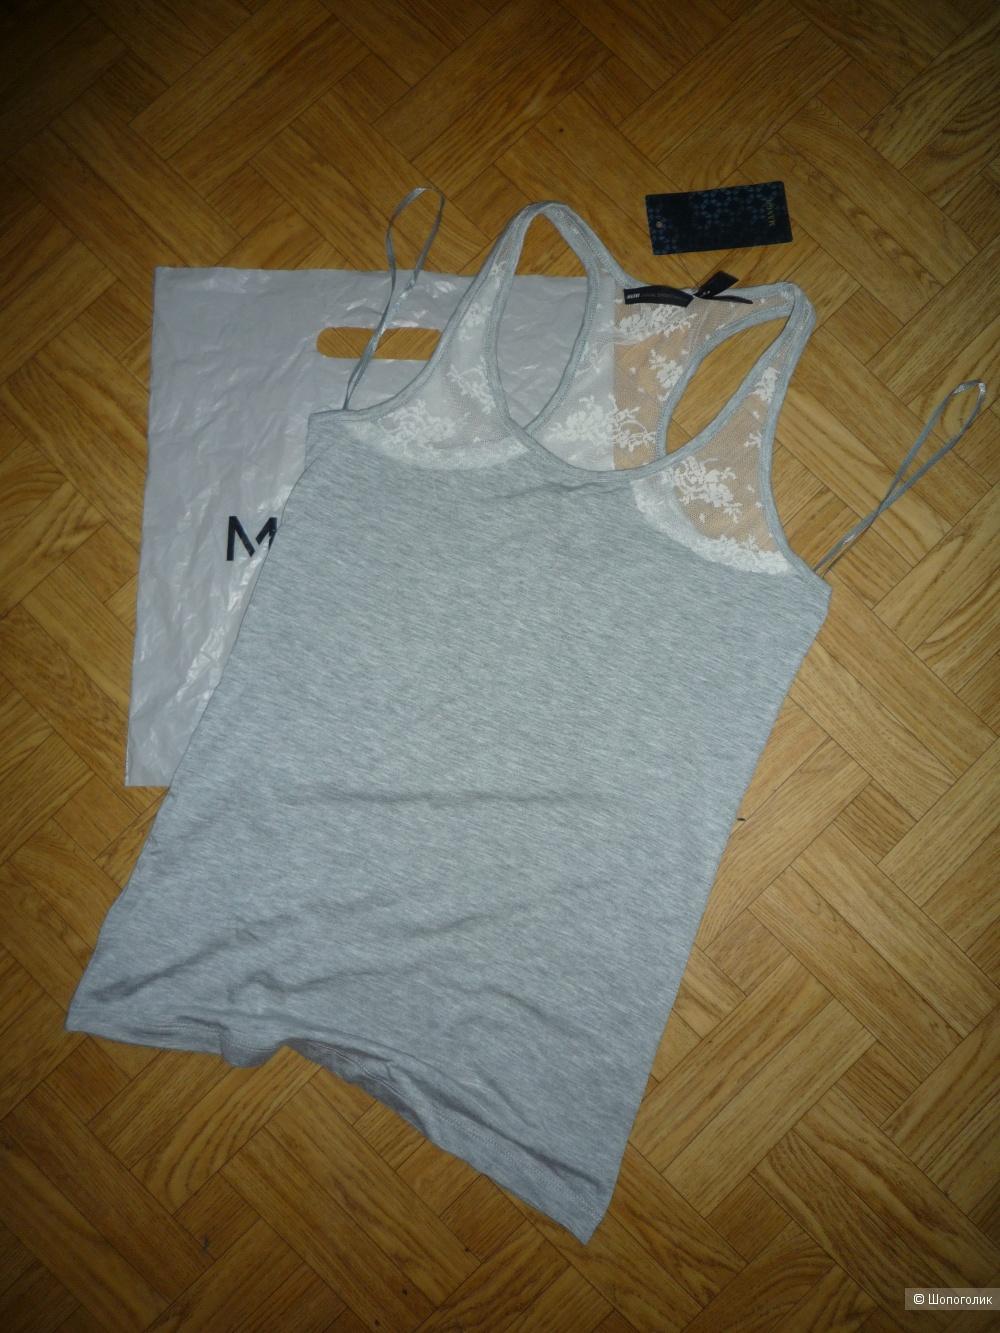 Майка-топ Mango,44-46 рус